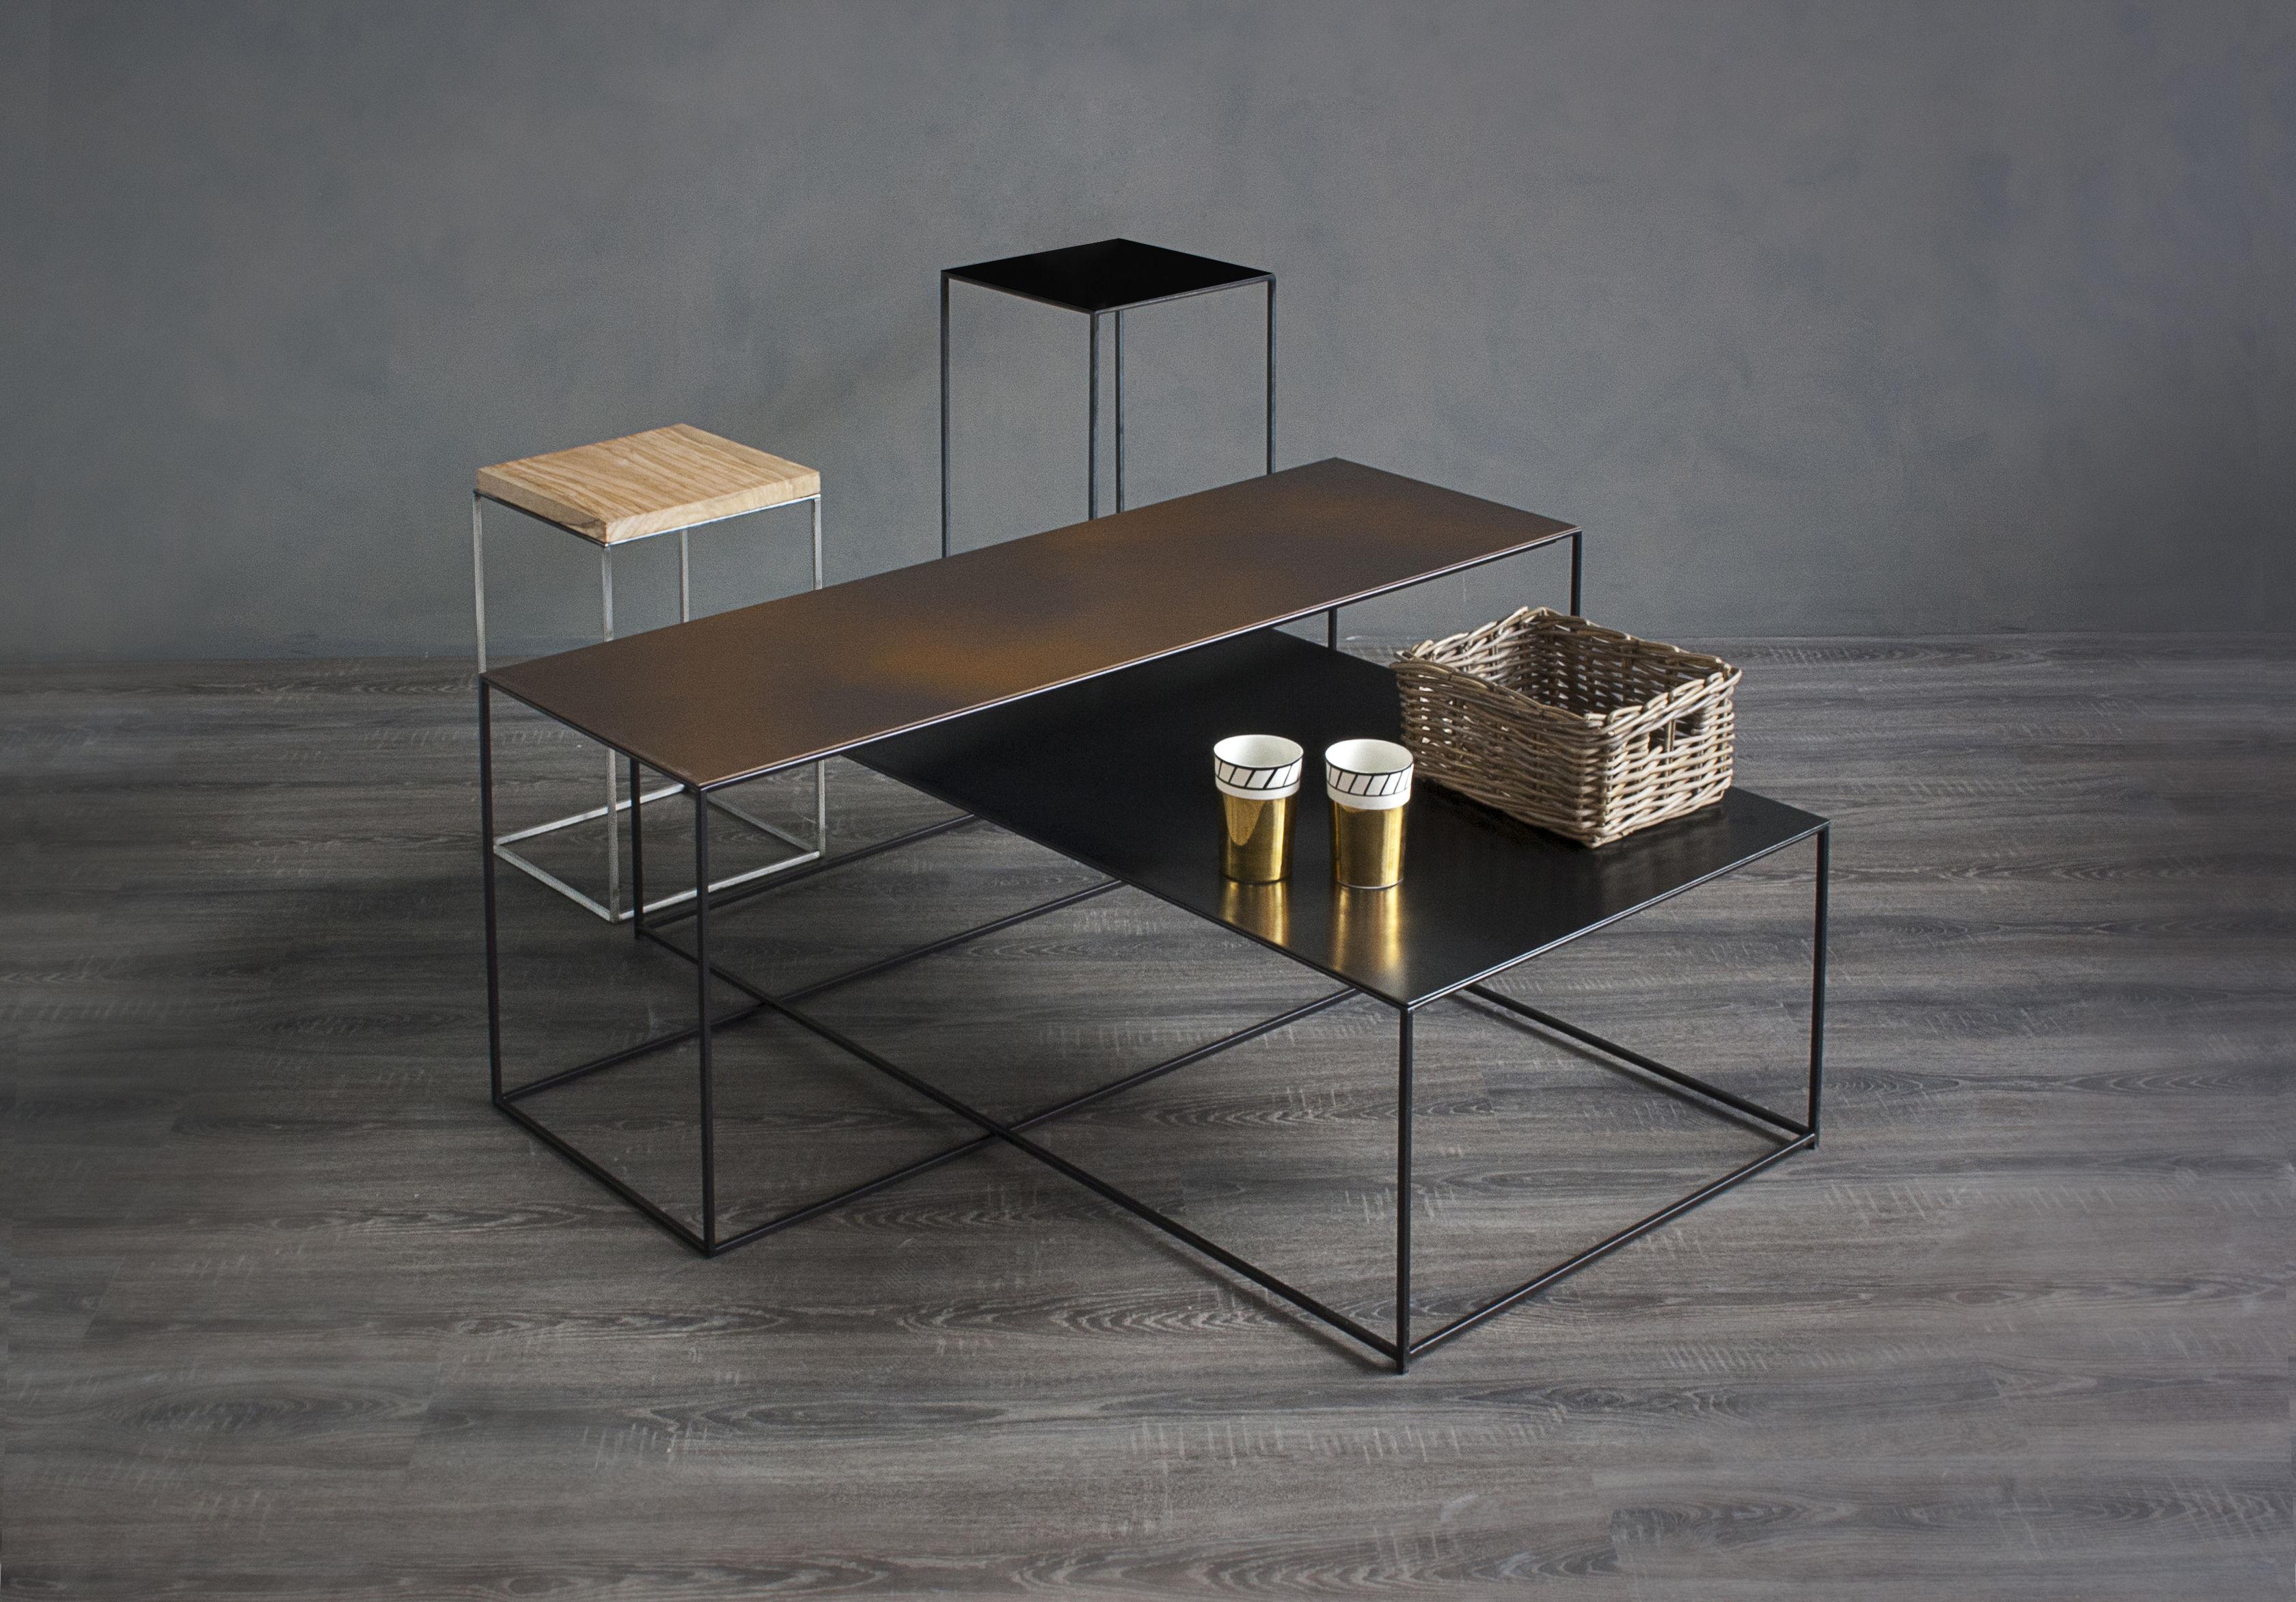 Basse 62 Irony H X Cm 124 Table Zeus Slim 34 xBWrdoCe